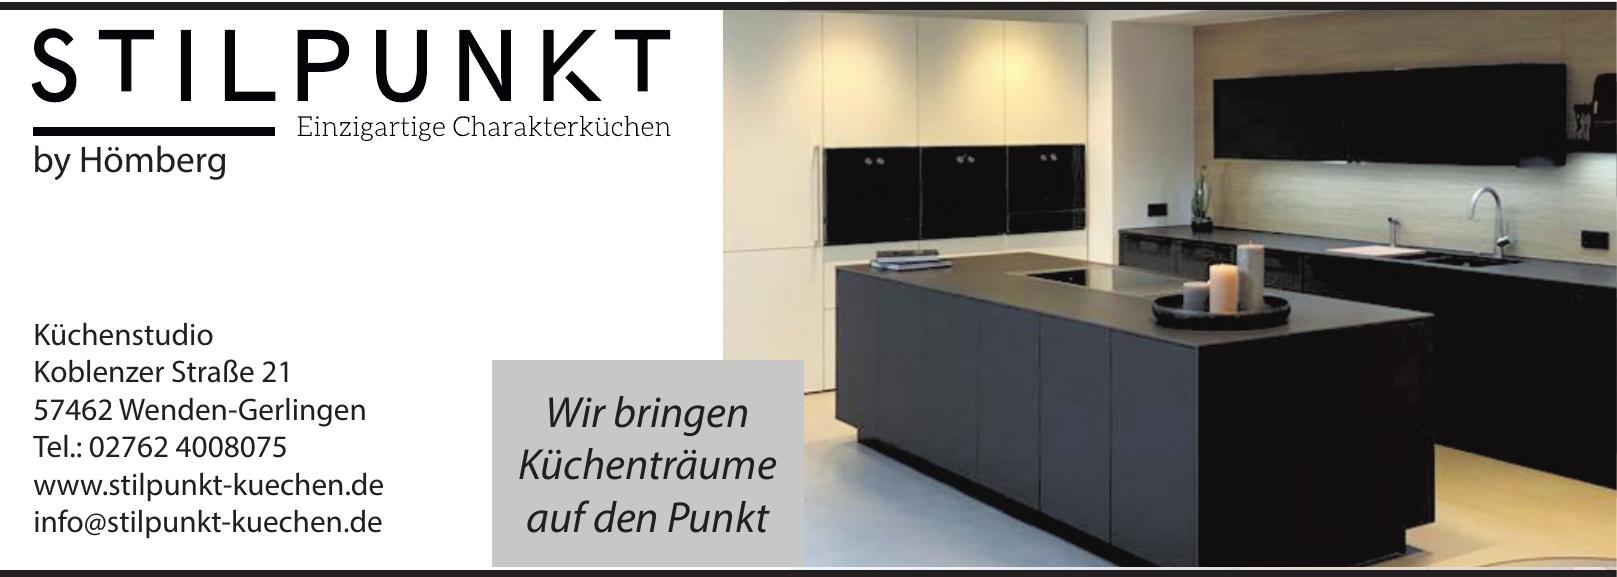 Küchenstudio Stilpunkt